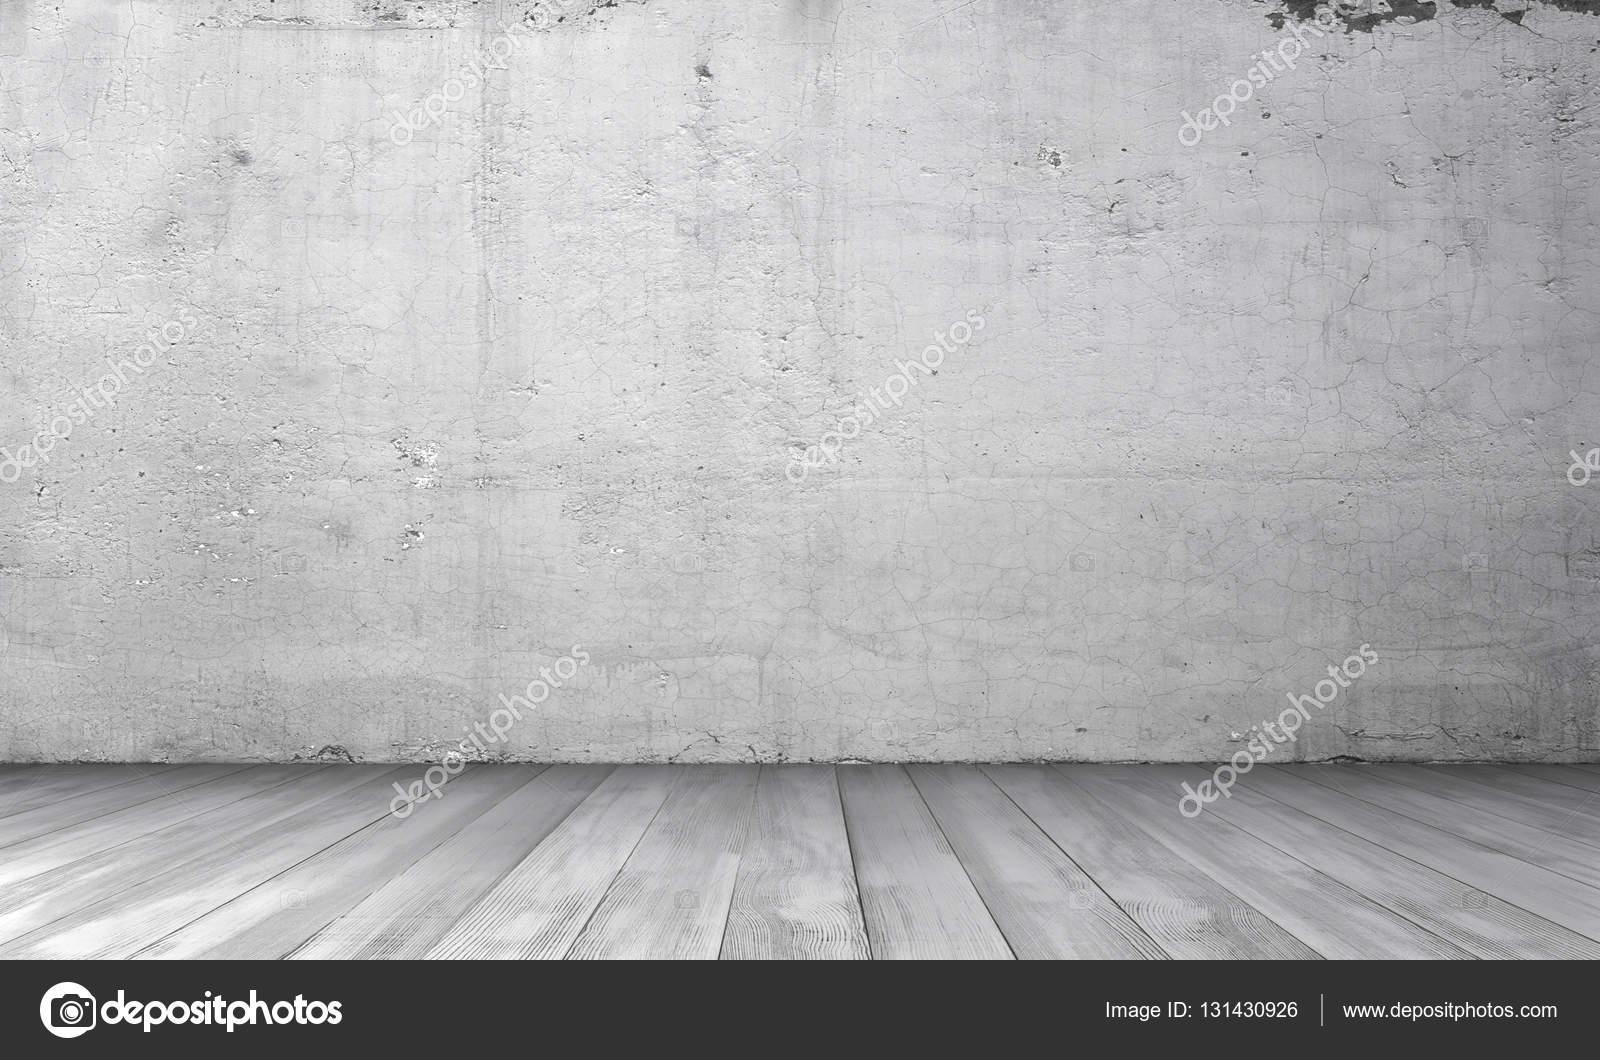 Representaci n de interior con muro de hormig n blanco y for Suelo 3d blanco